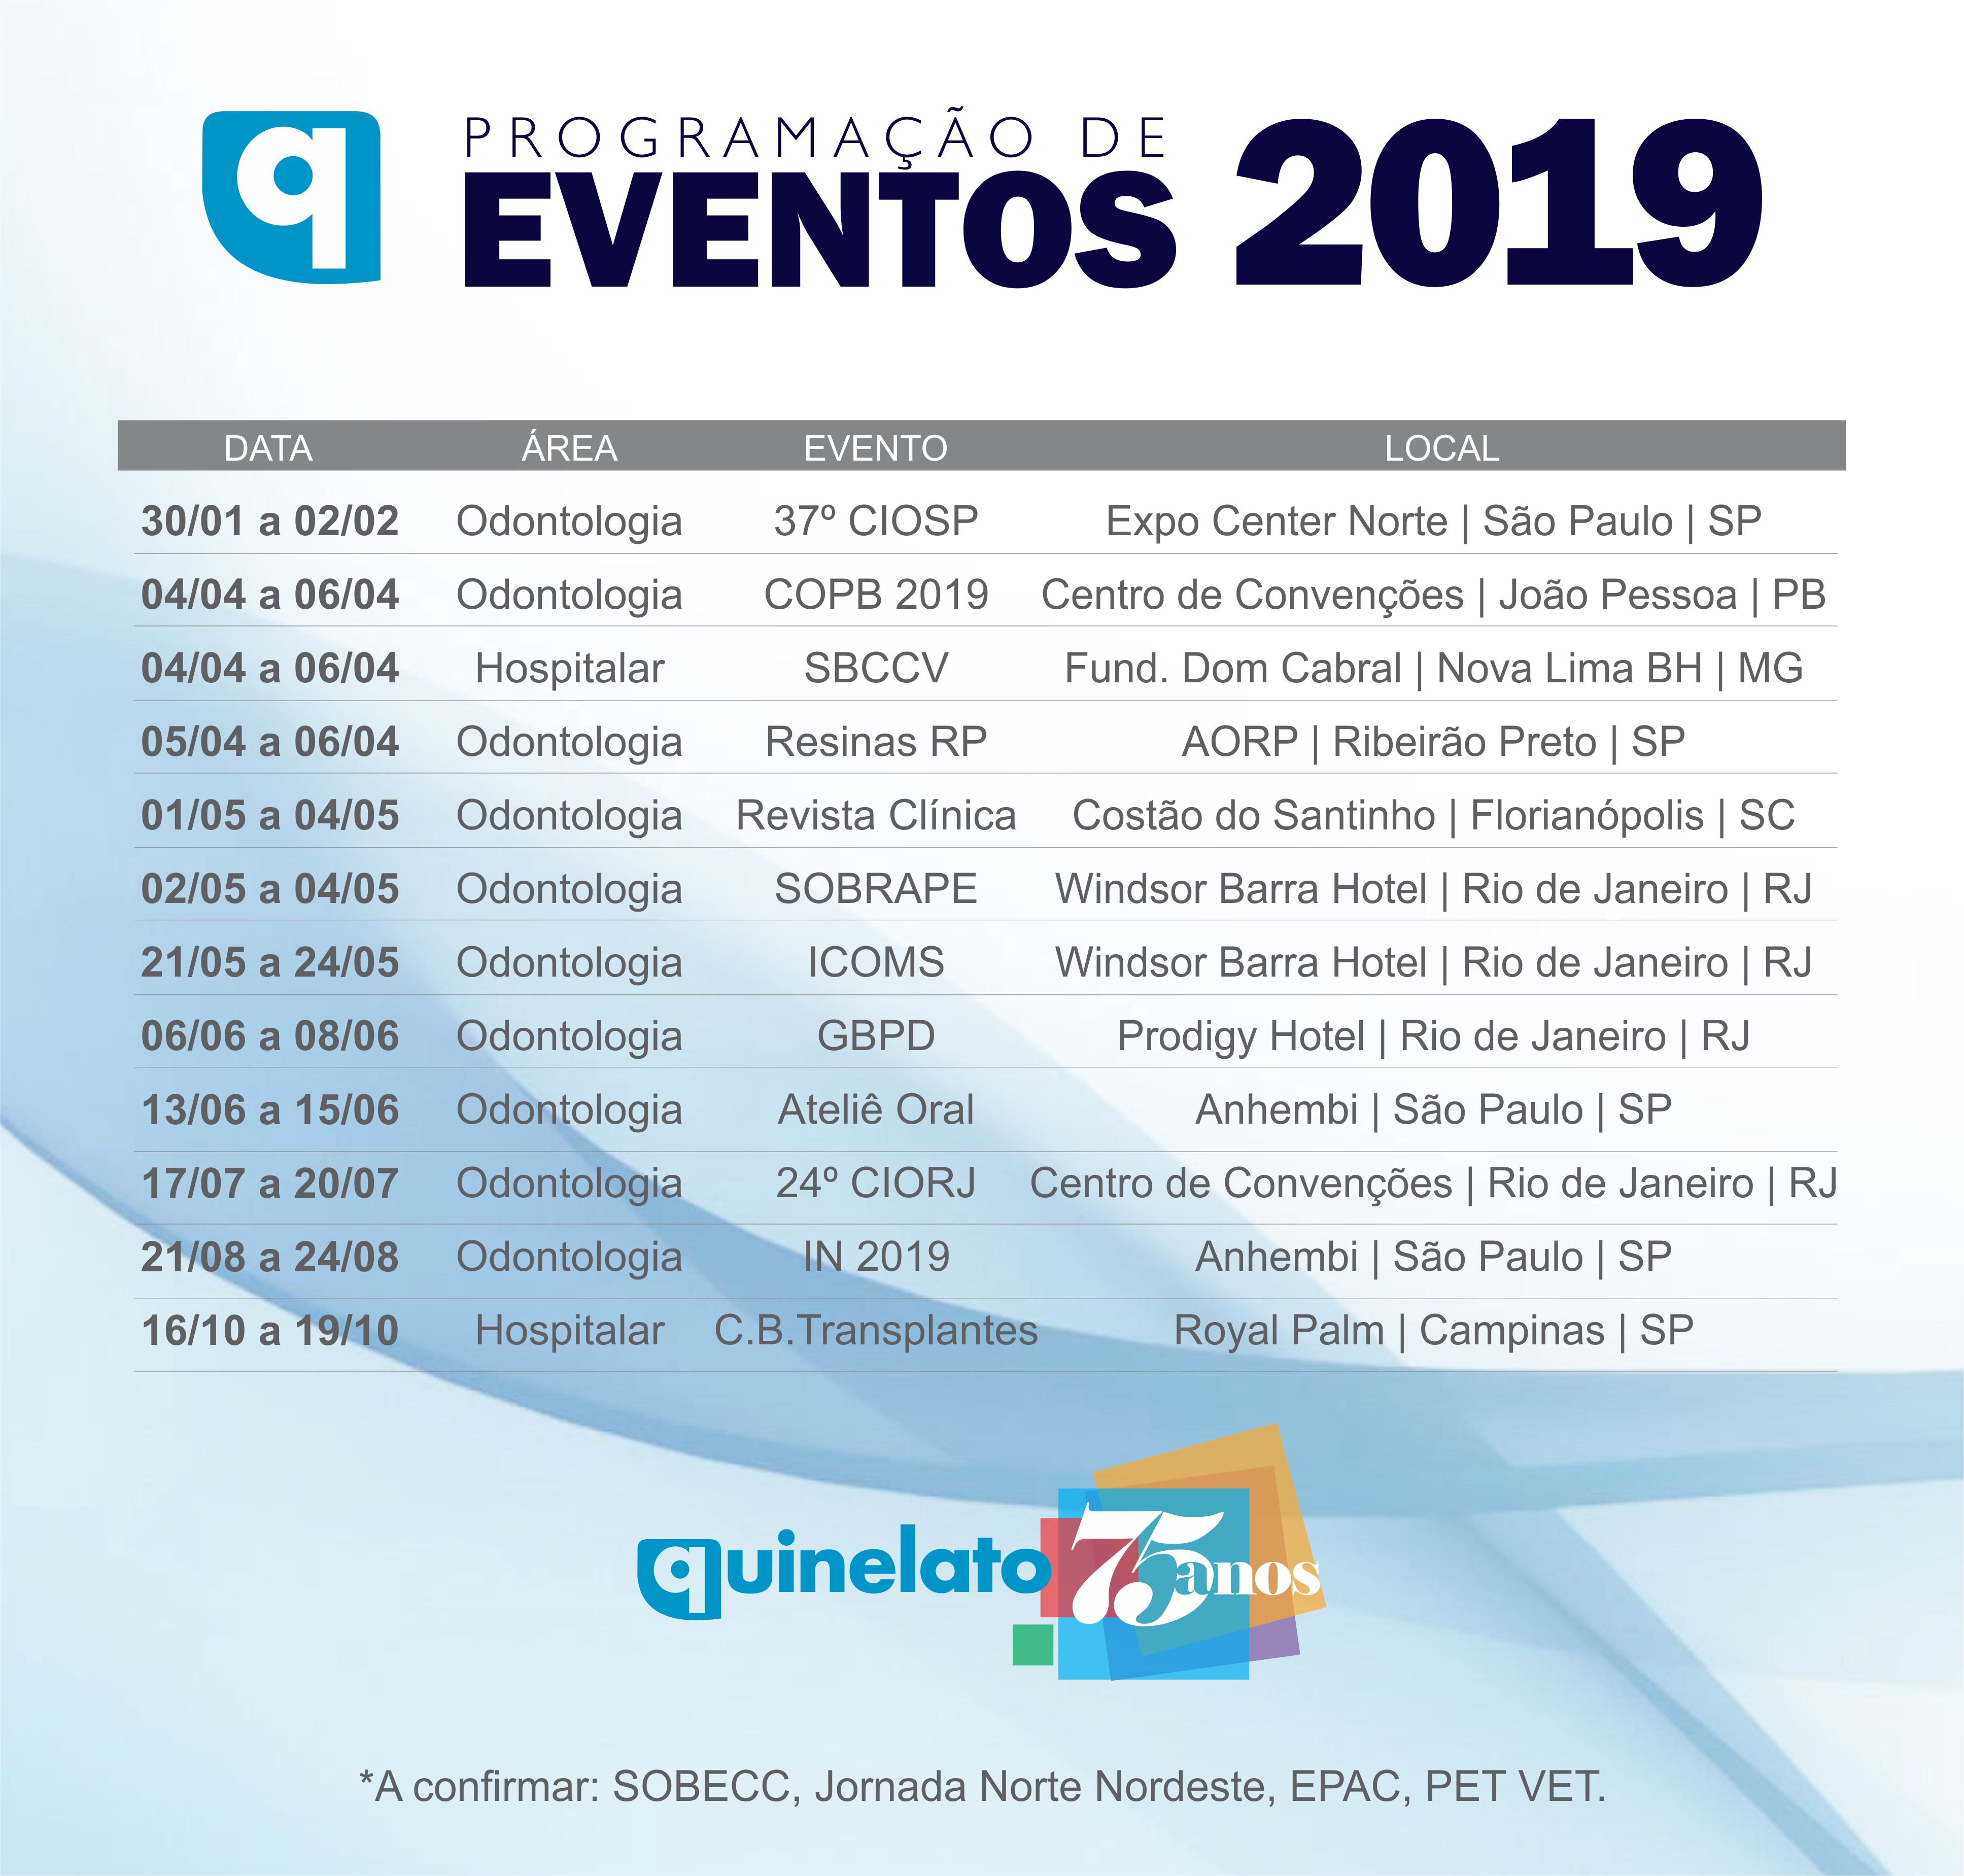 EVENTOS - PROGRAMACAO 2019